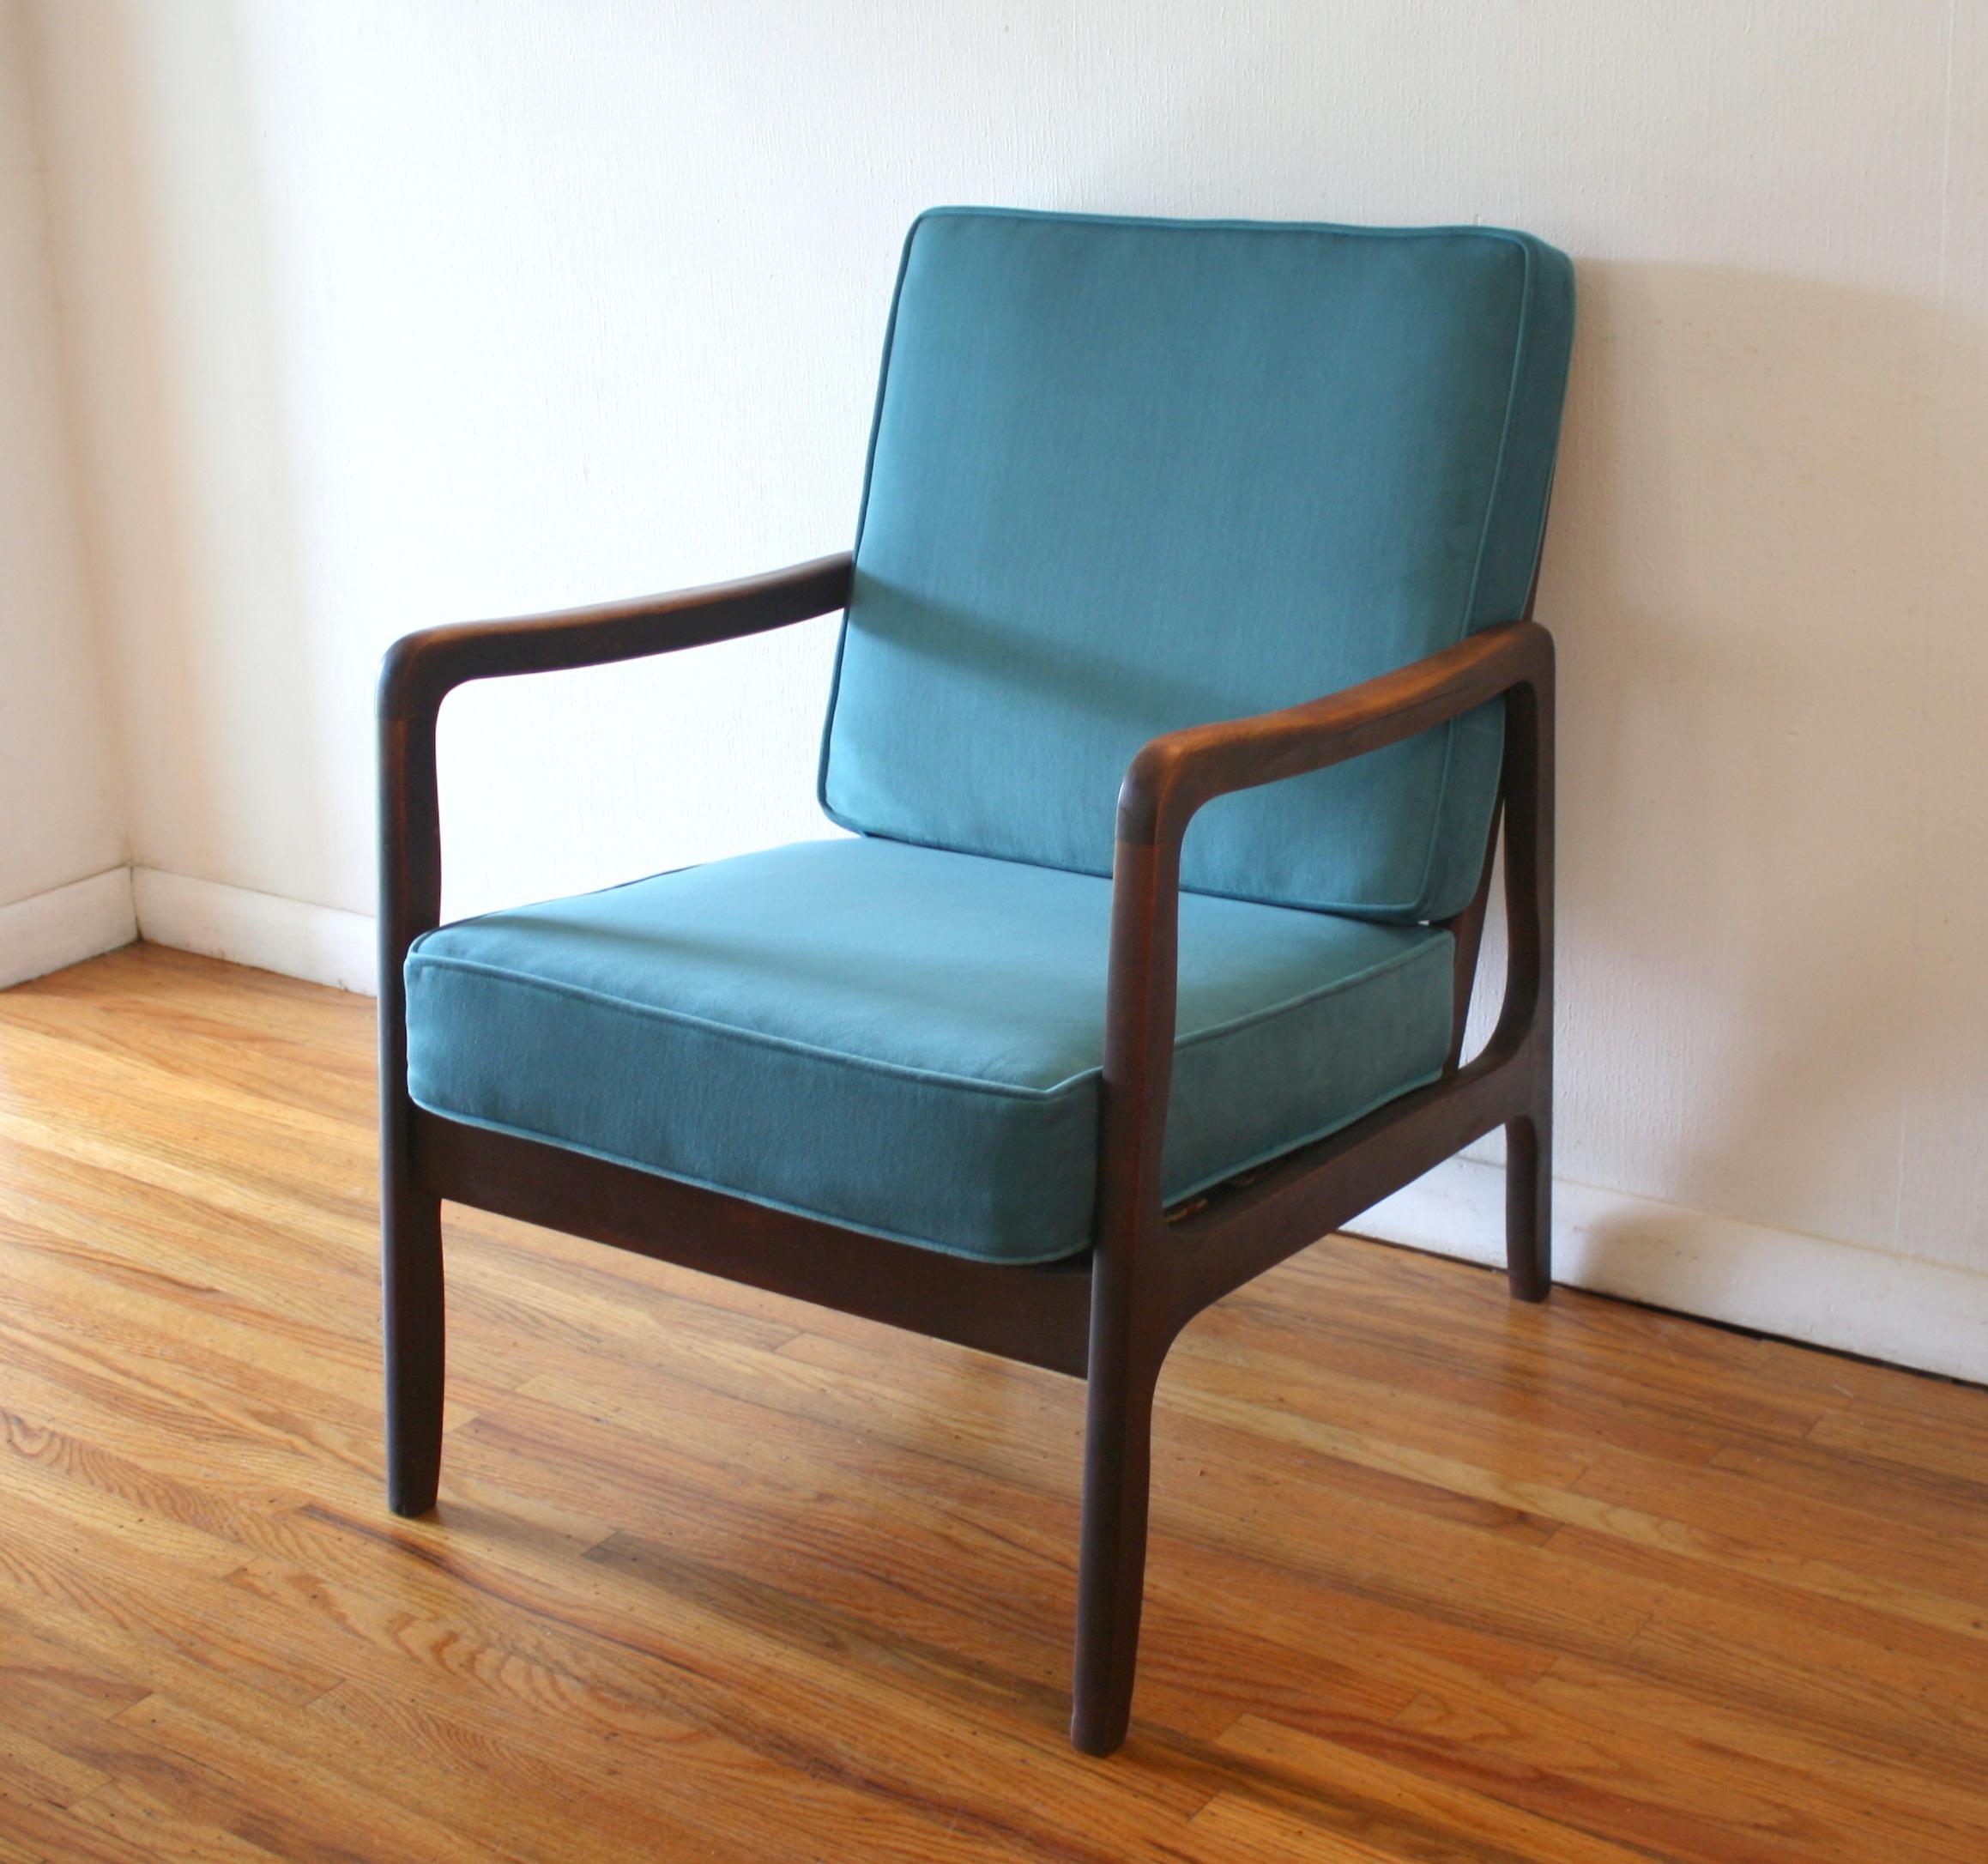 upholstered cushion